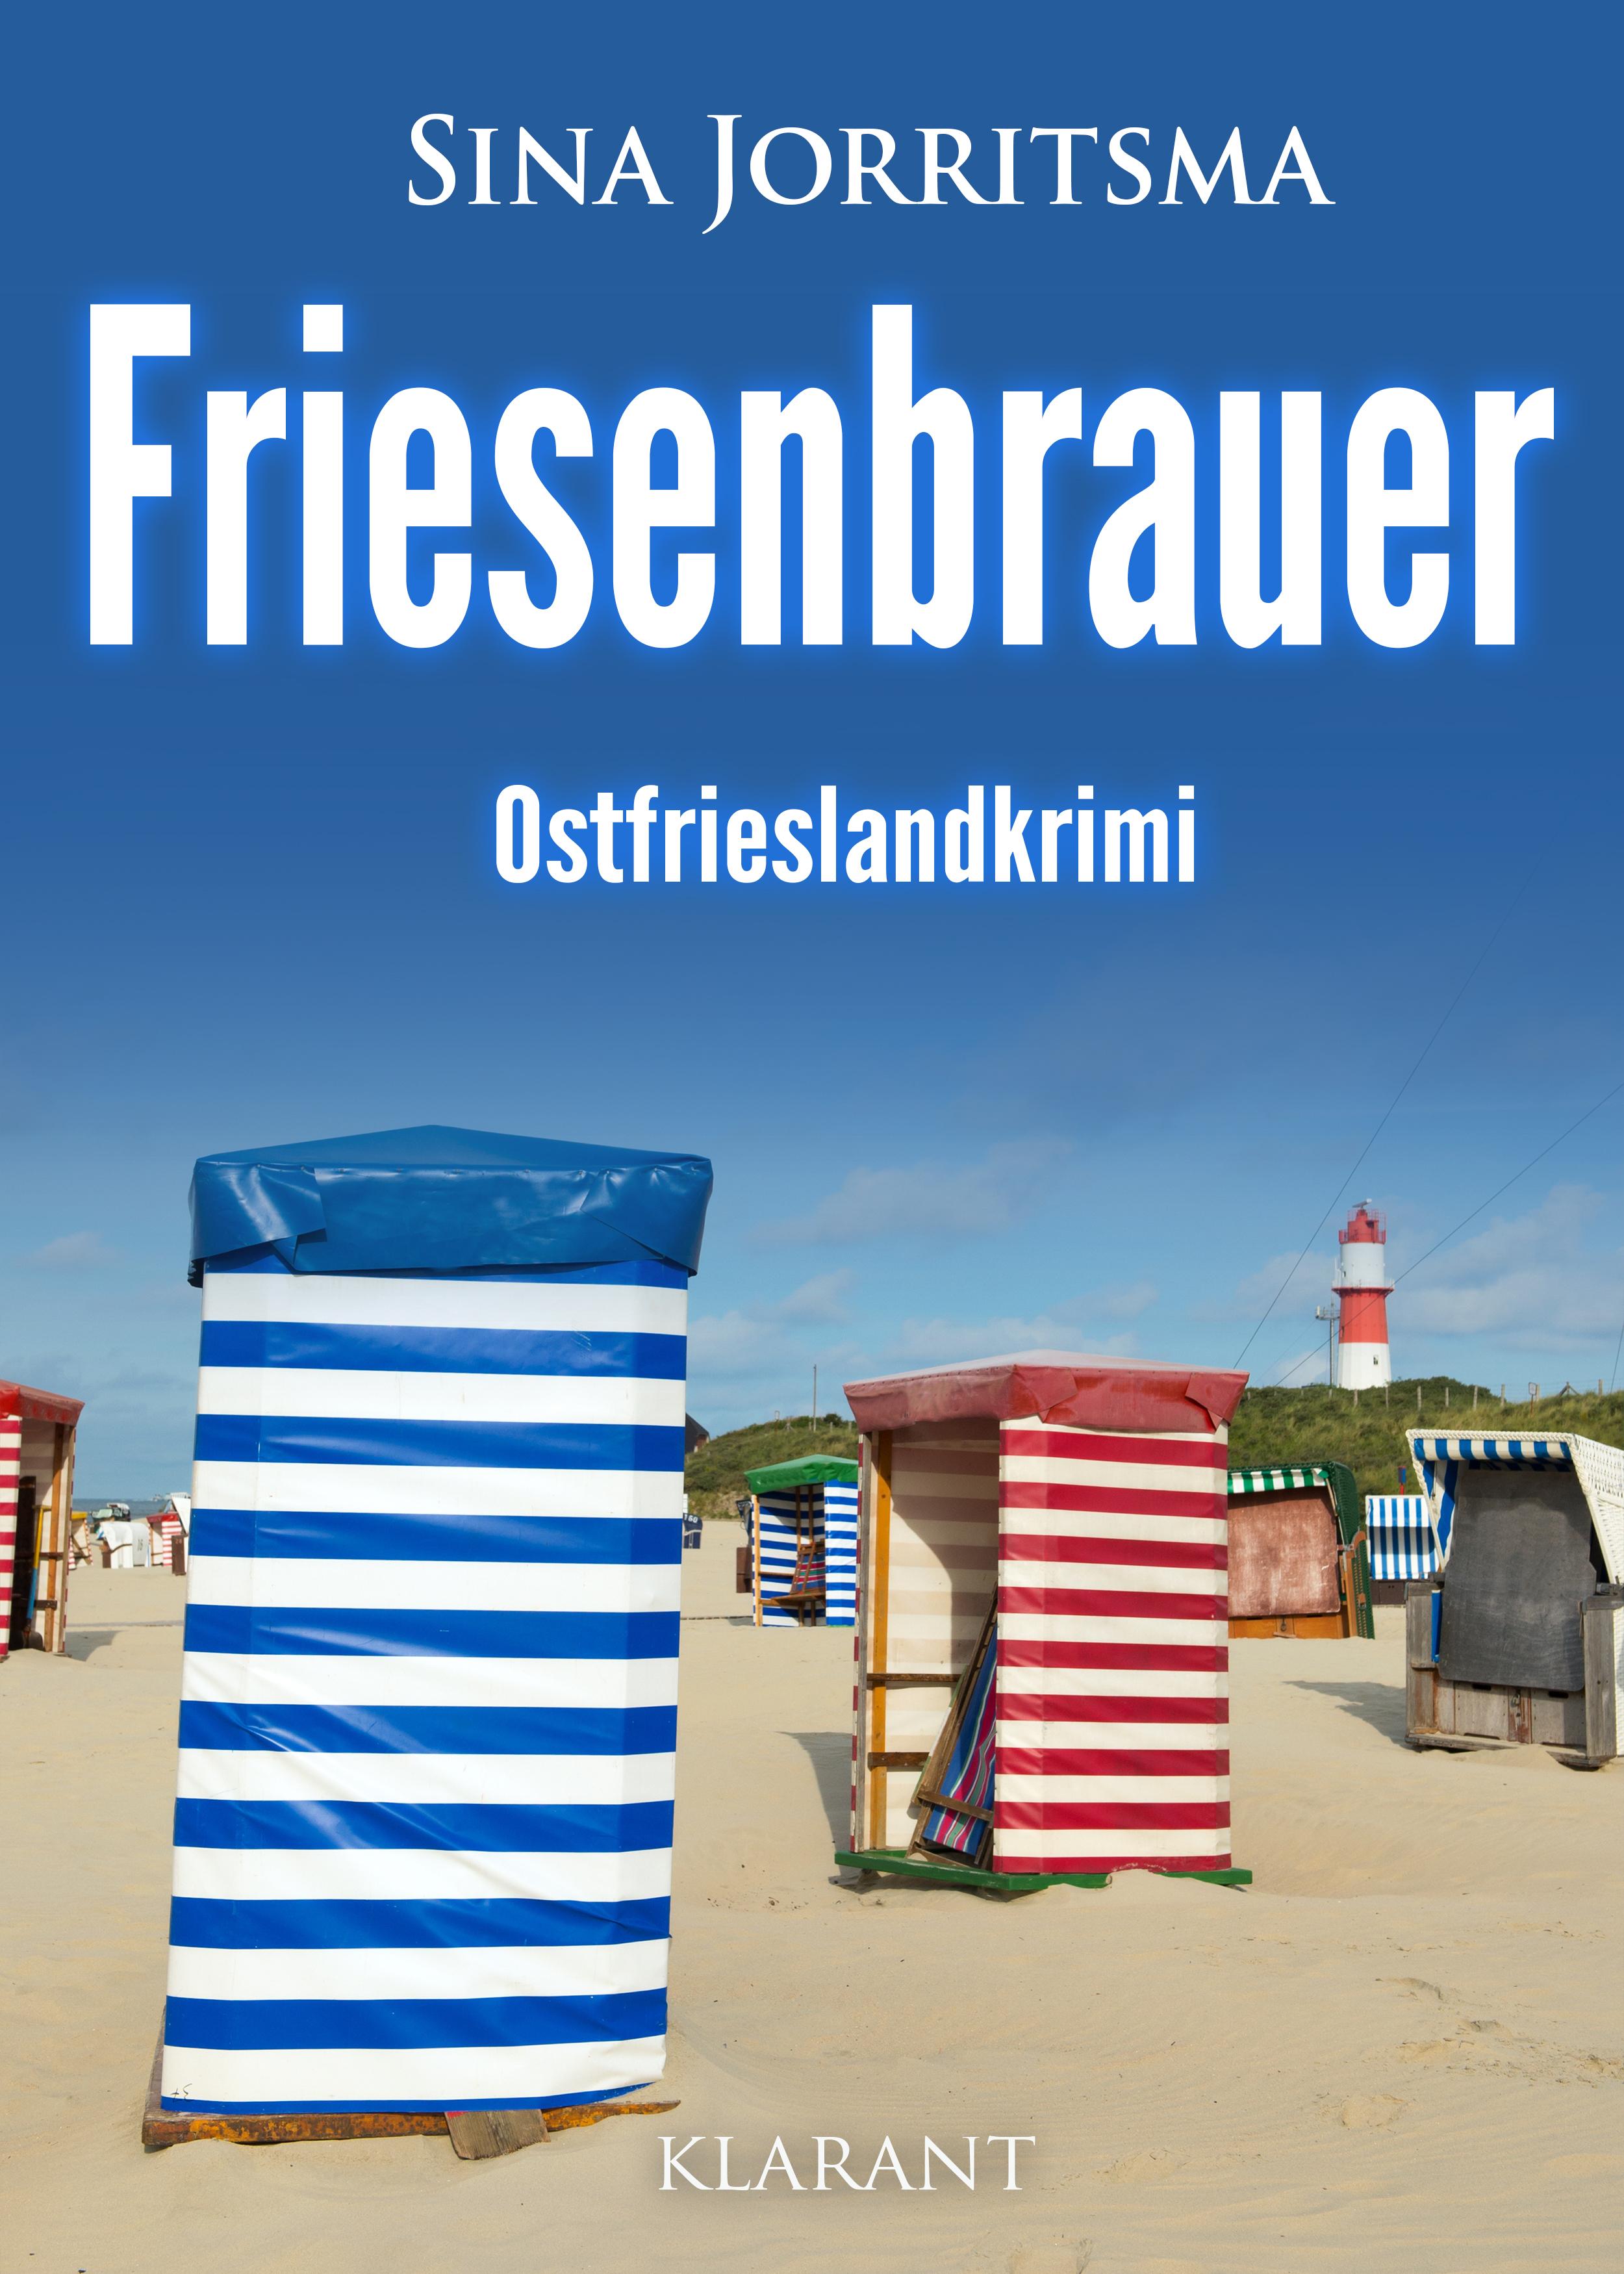 7681593196925837_FriesenbrauerCover.jpg